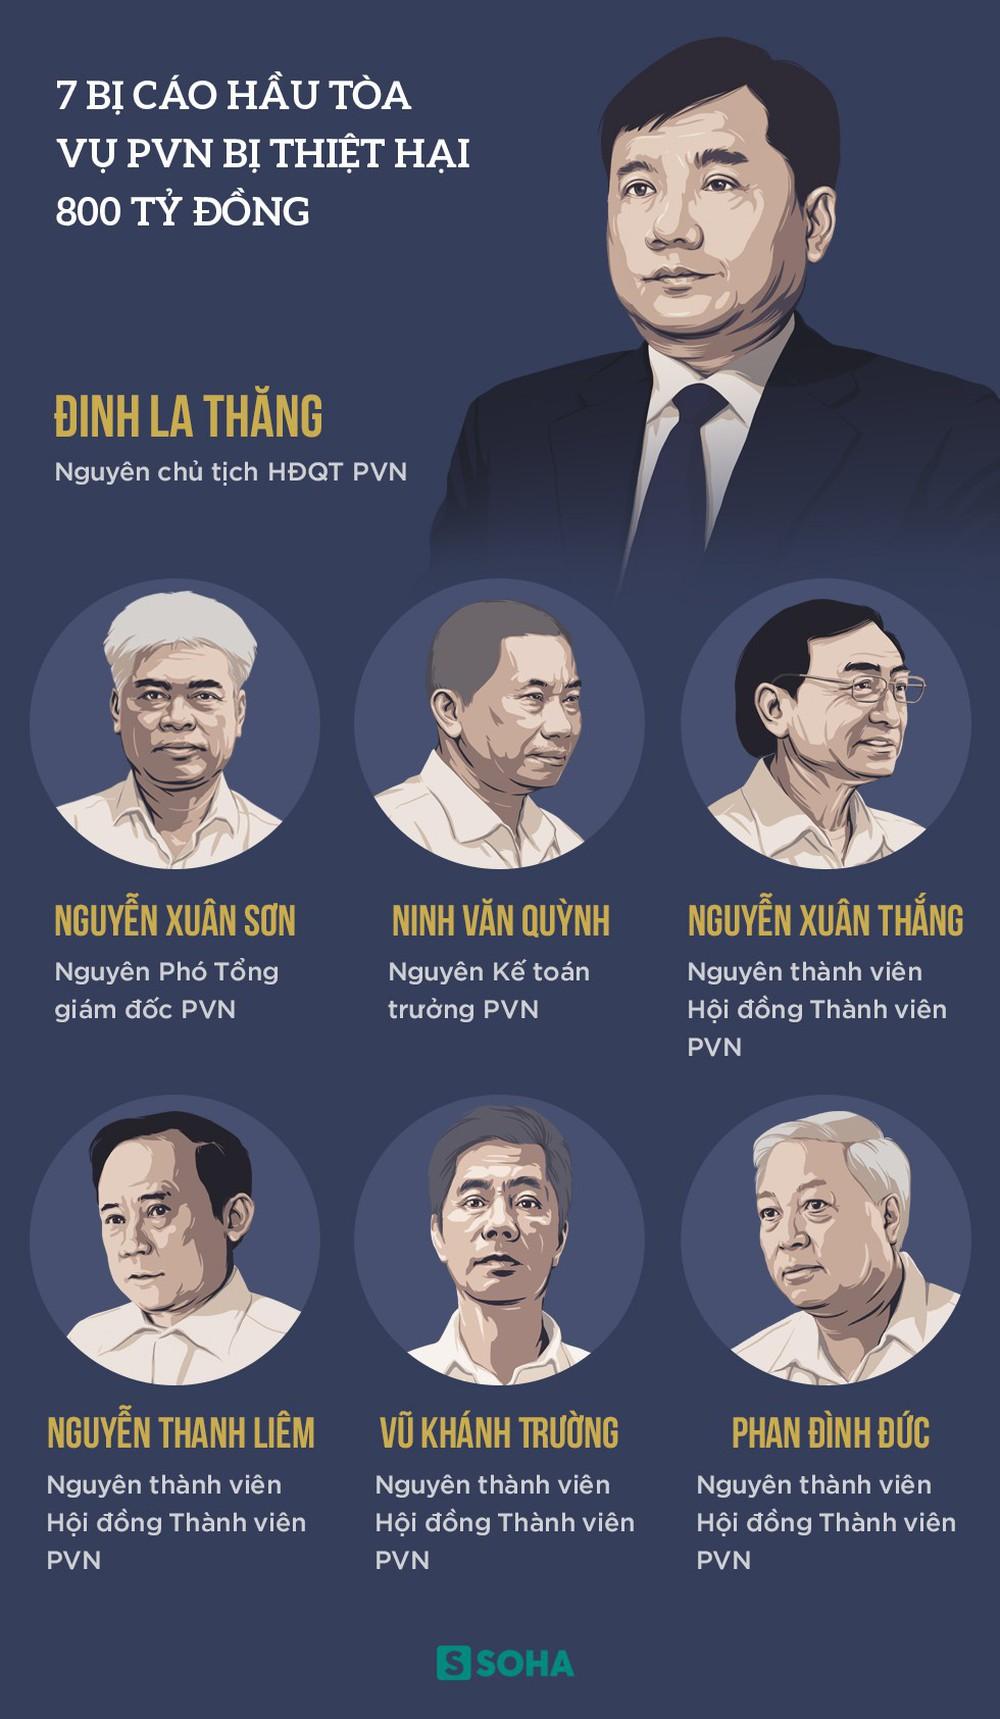 Xử vụ PVN thất thoát 800 tỷ đồng: Cách ly ông Đinh La Thăng để xét hỏi các bị cáo - Ảnh 13.